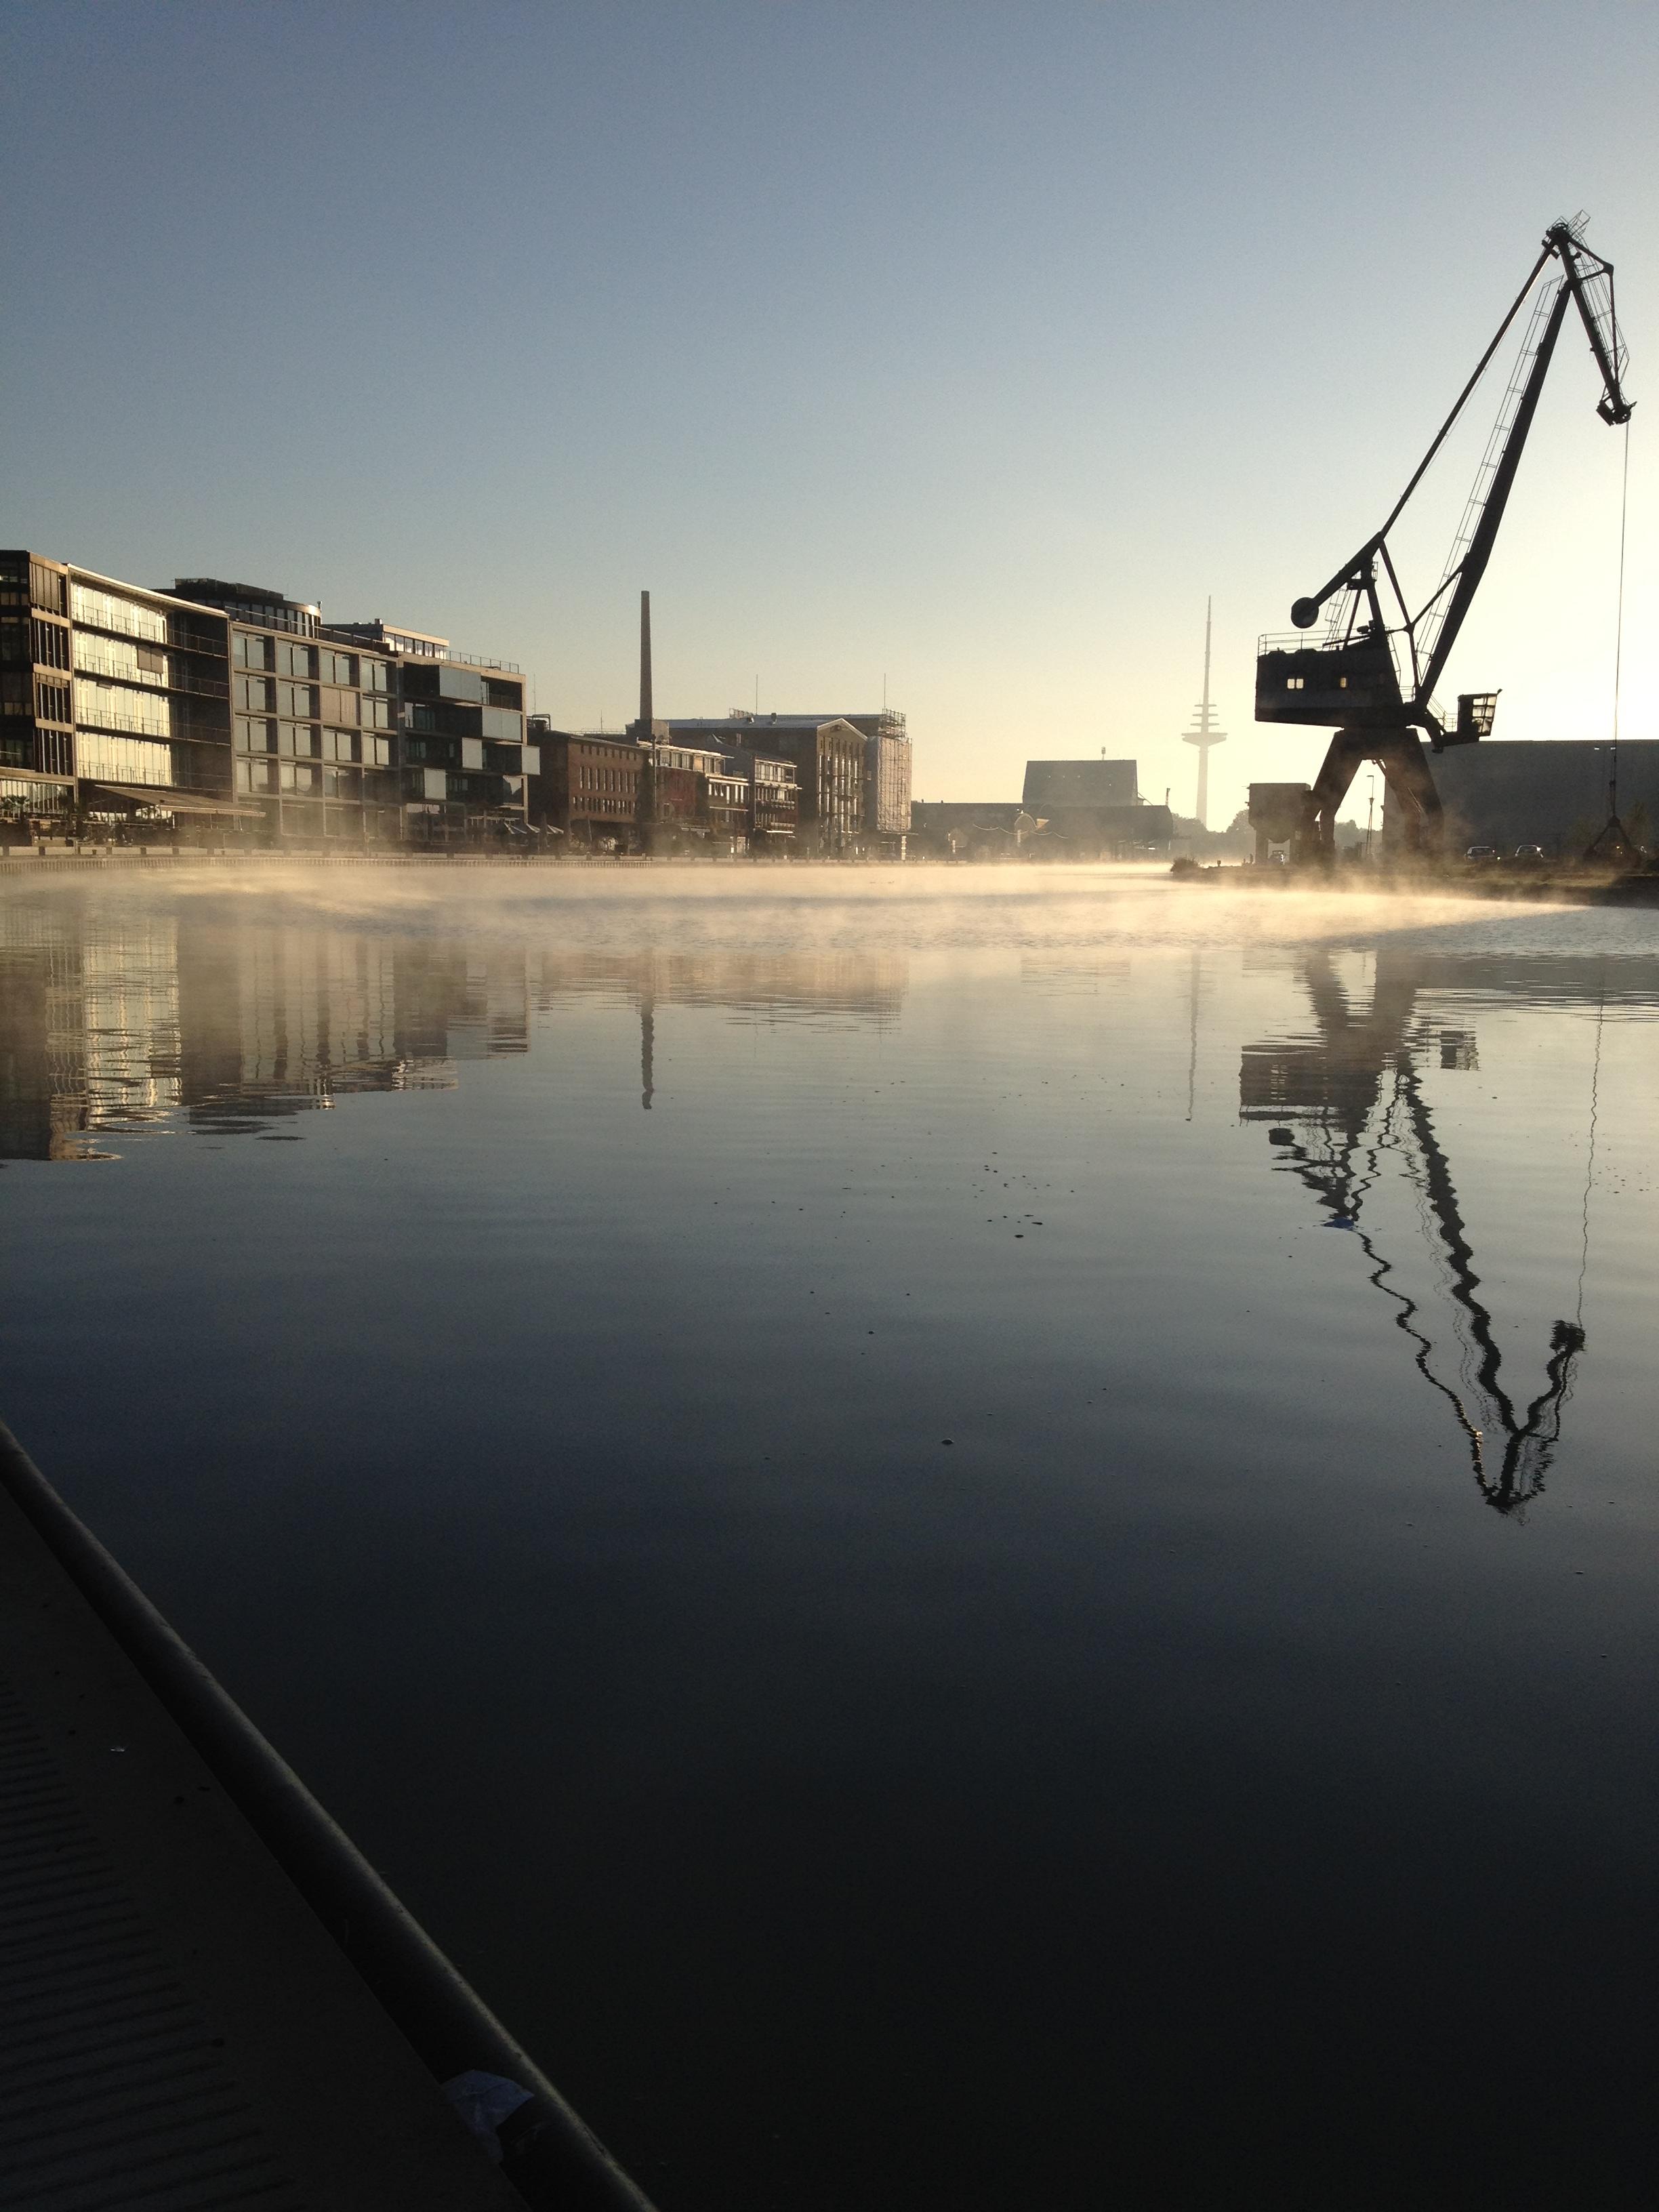 Münster Hafen im Nebel, Leinwand